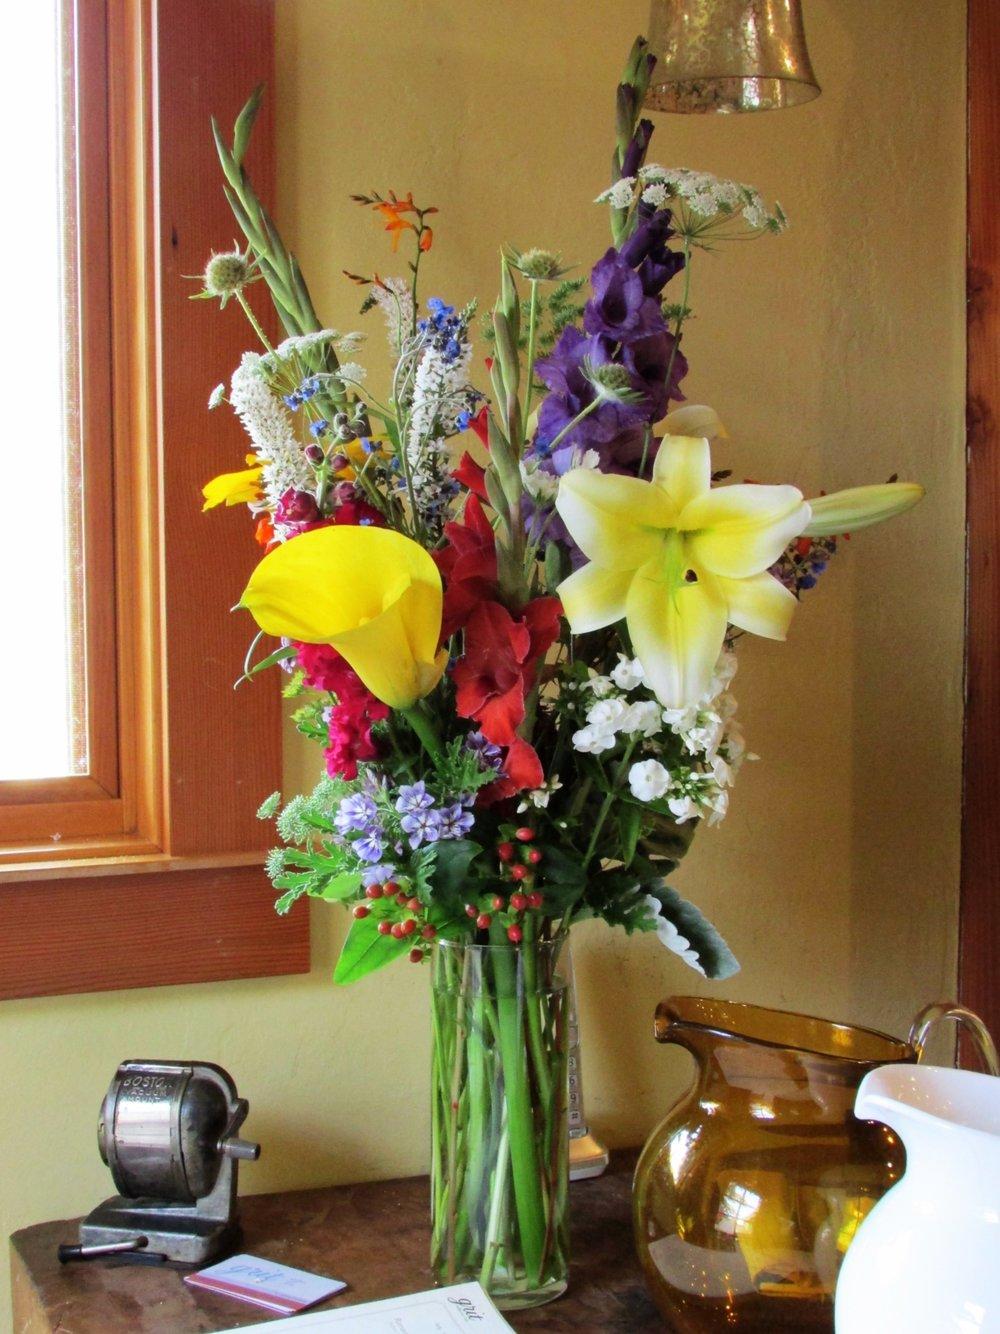 vases at Grit july 18 2017 009.JPG